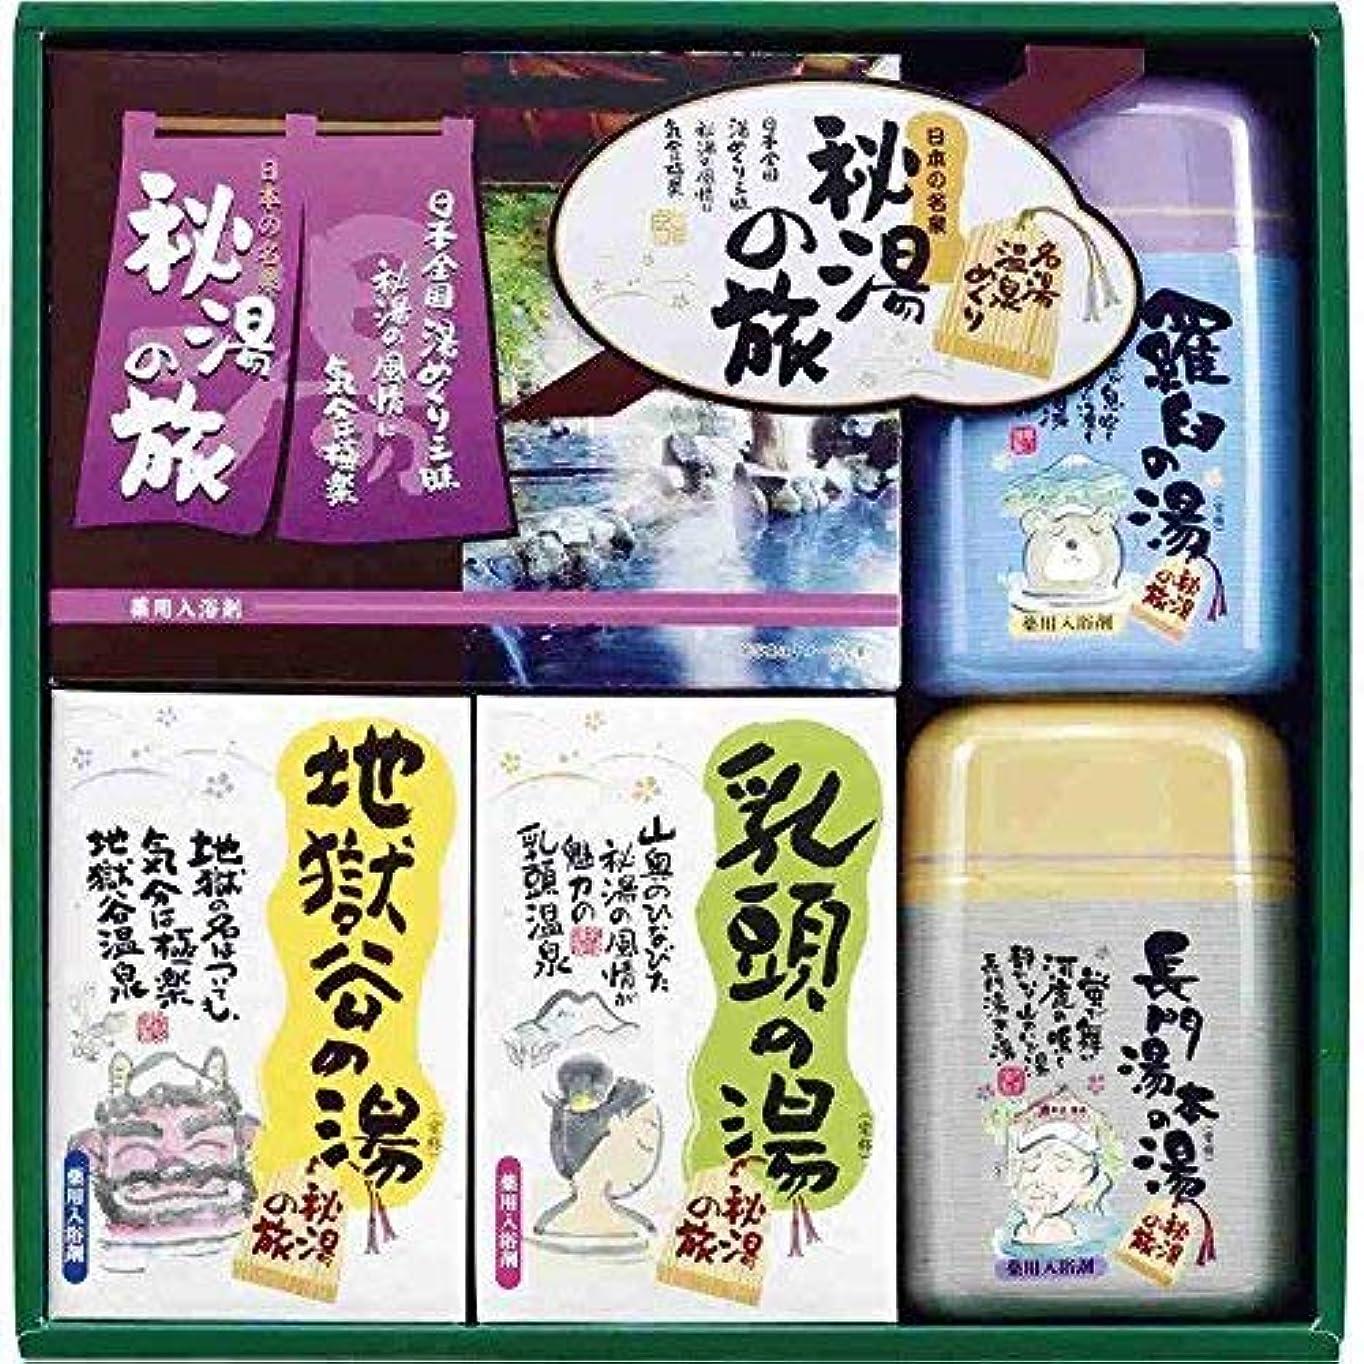 蜂オリエンタル平和薬用入浴剤 秘湯の旅セット PHO-20